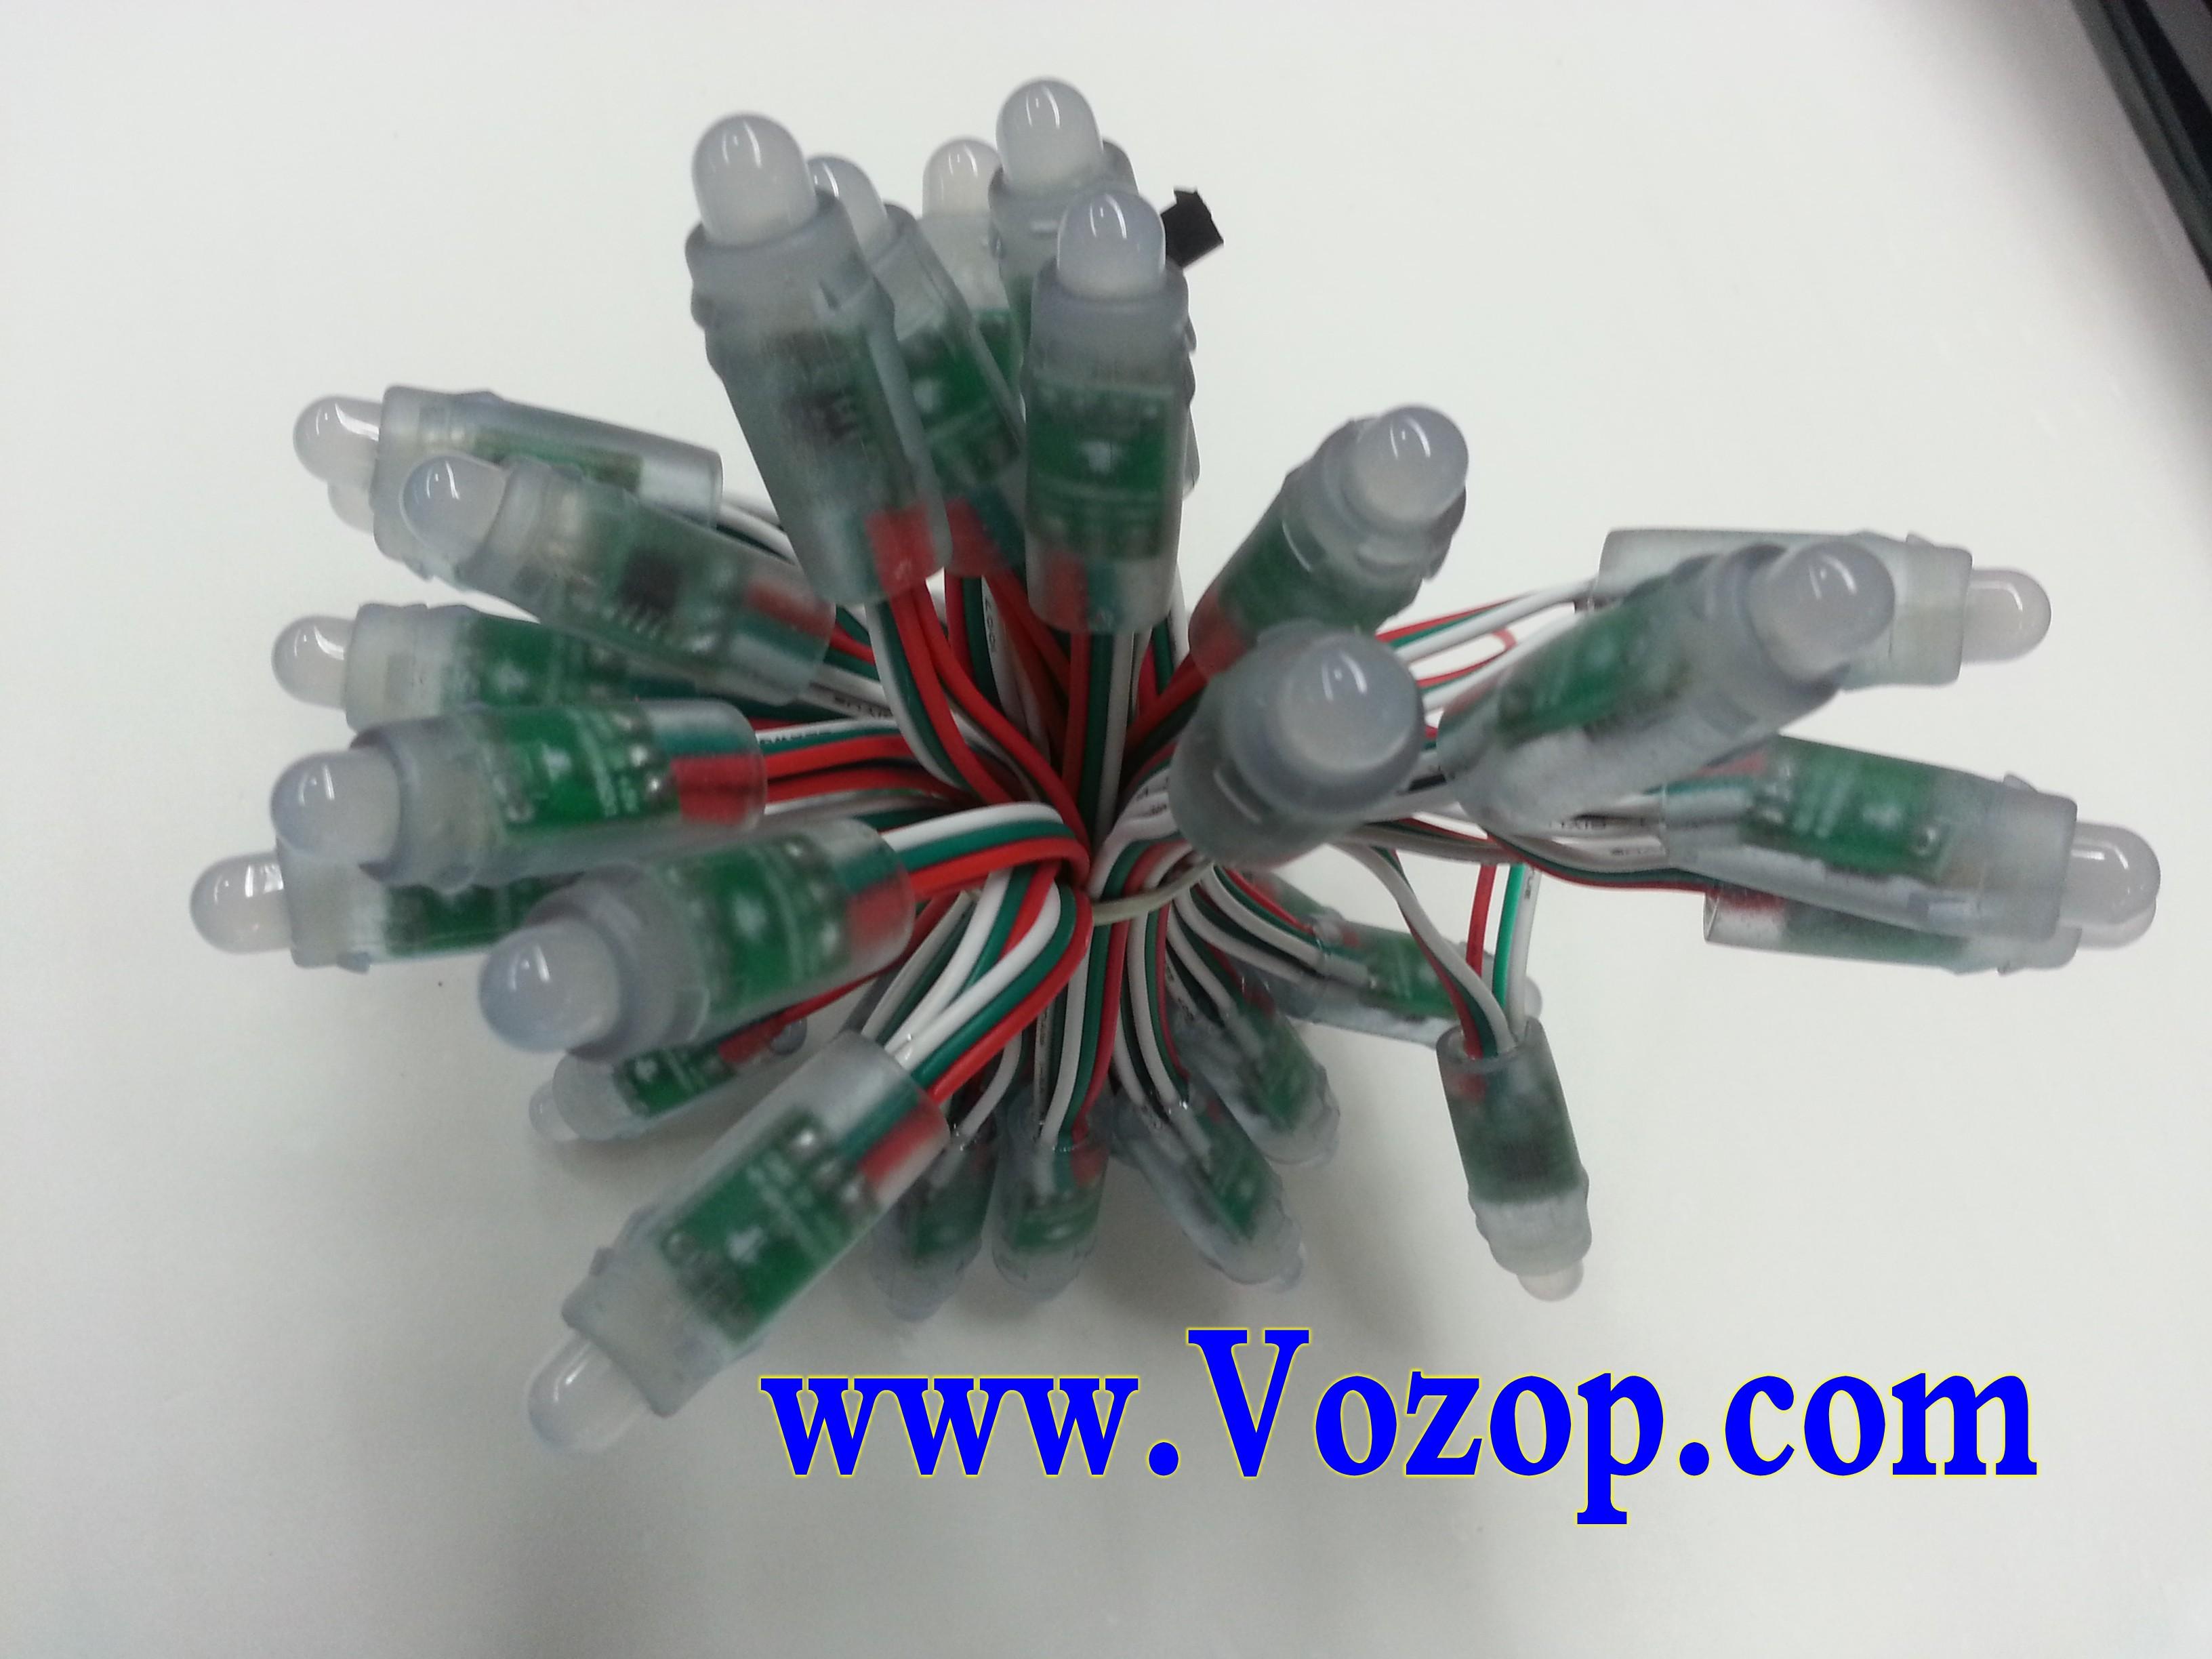 UCS_1903_LED_Module_DC_5V_Waterproof_RGB_LED_Pixel_Module